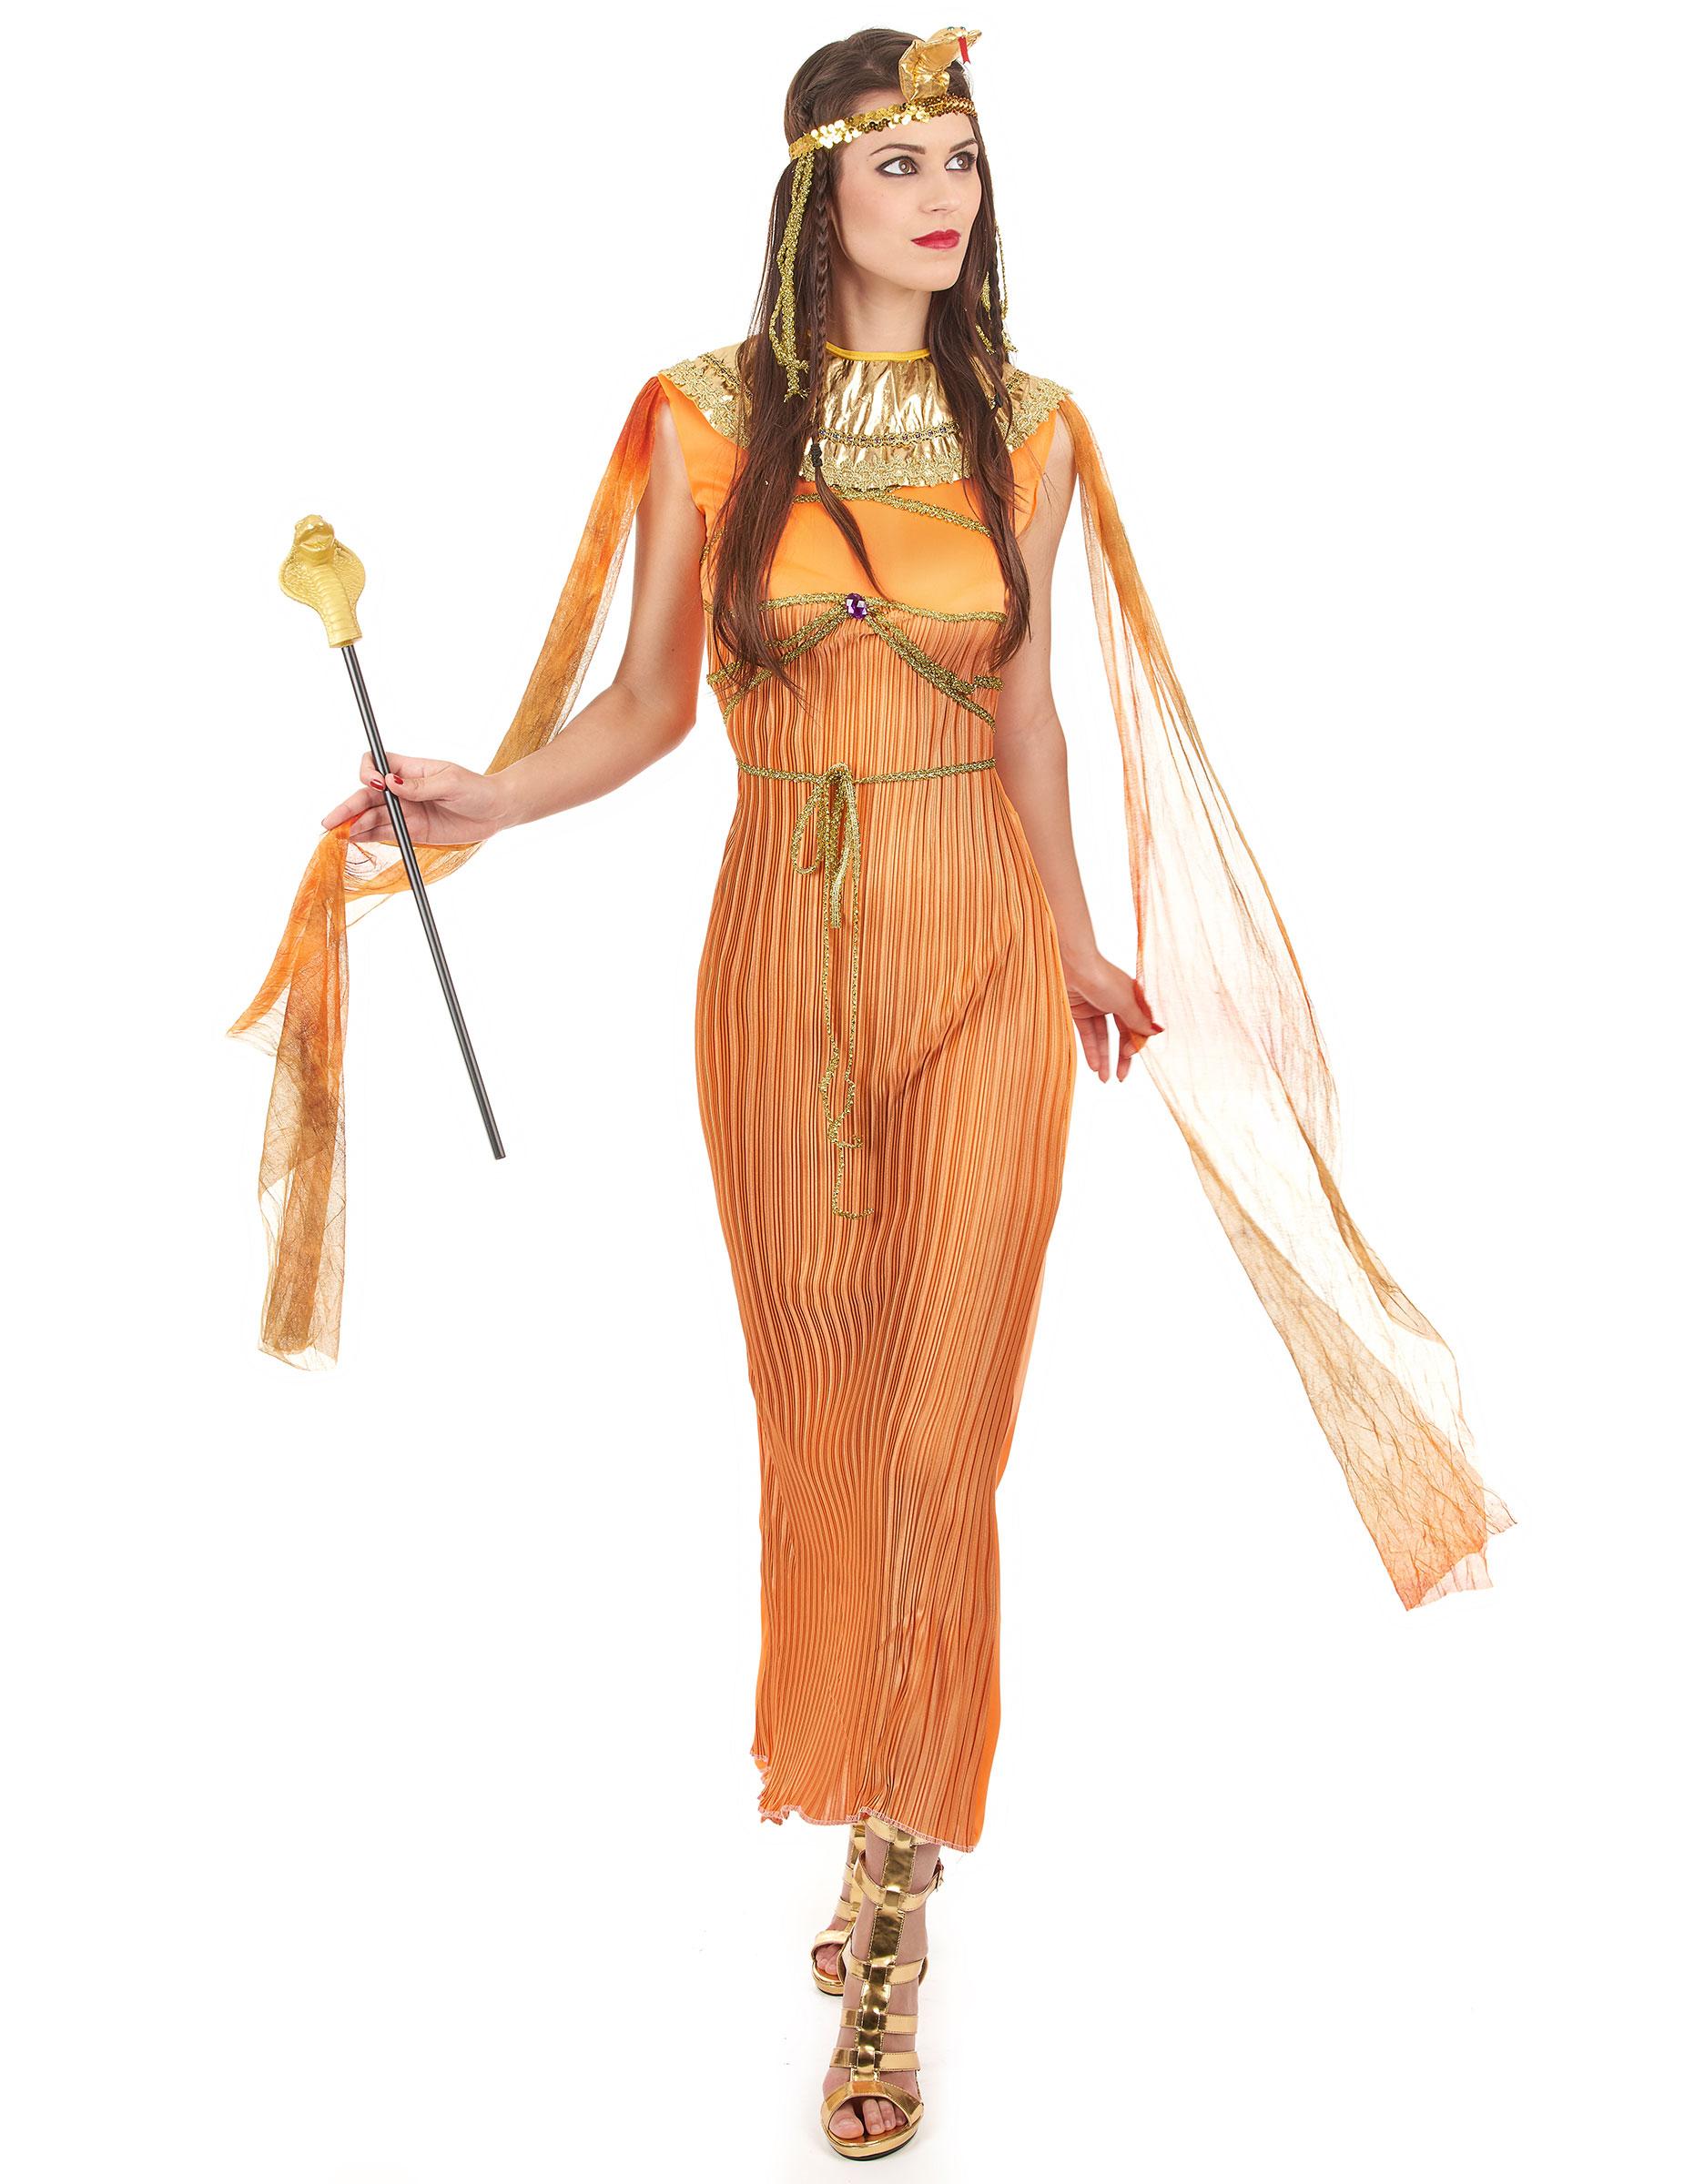 Agyptische Konigin Damen Kostum Orange Gold Gunstige Faschings